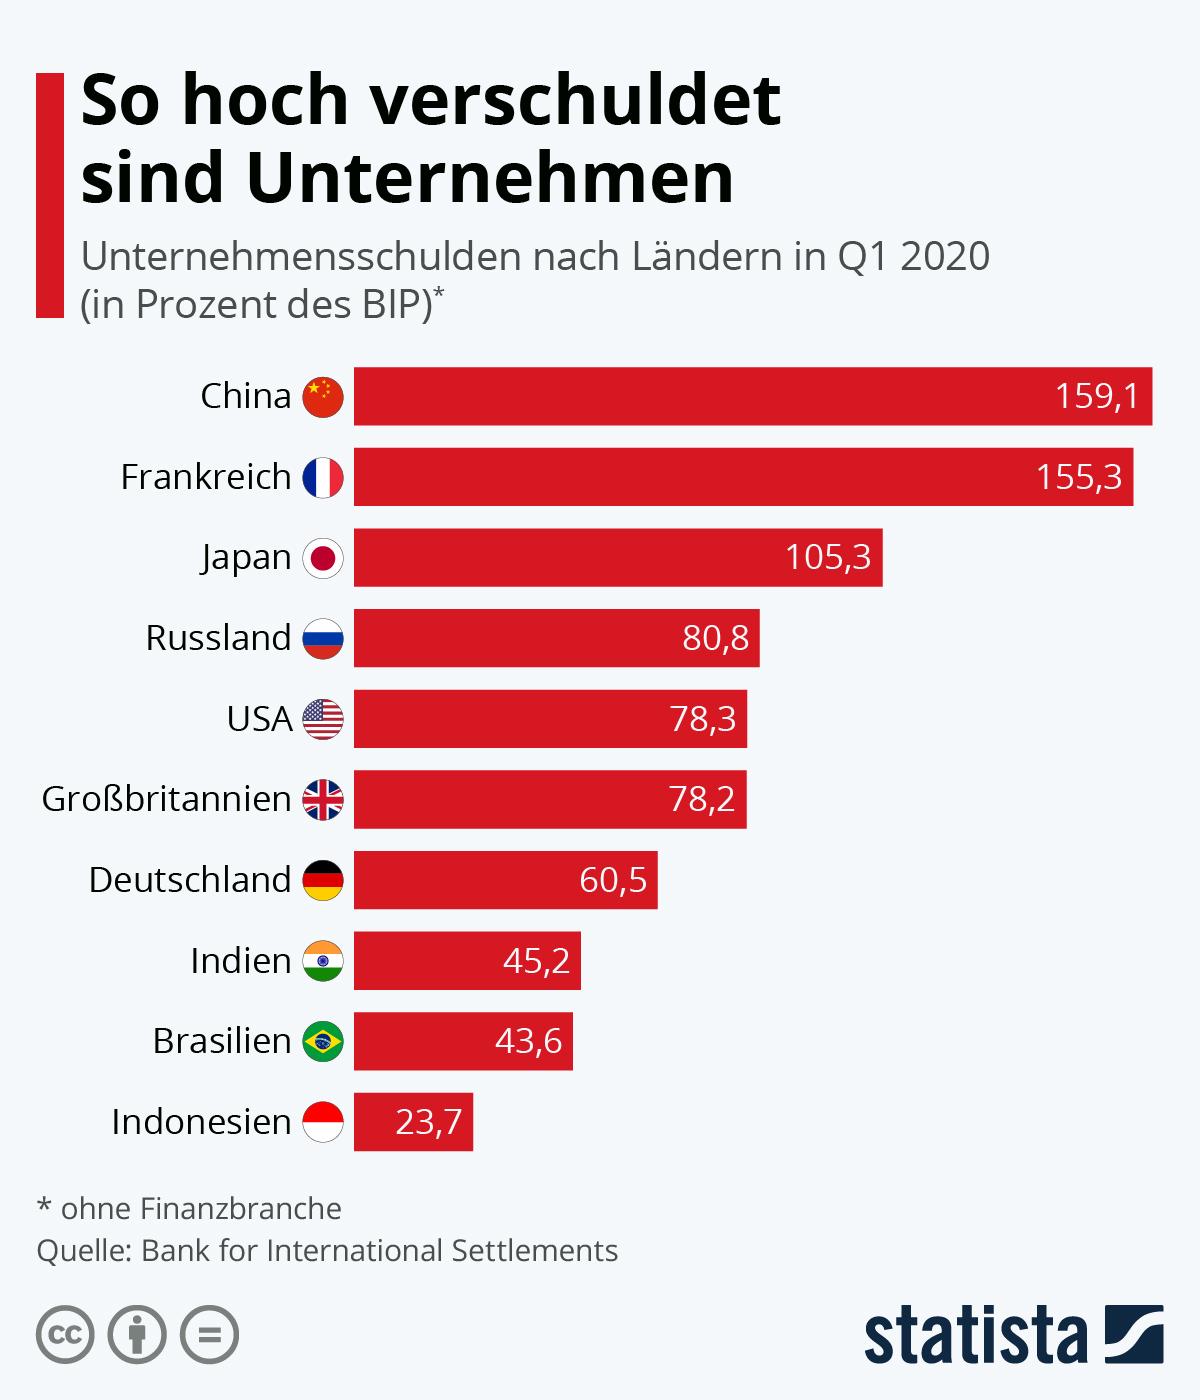 So hoch verschuldet sind Unternehmen | Statista